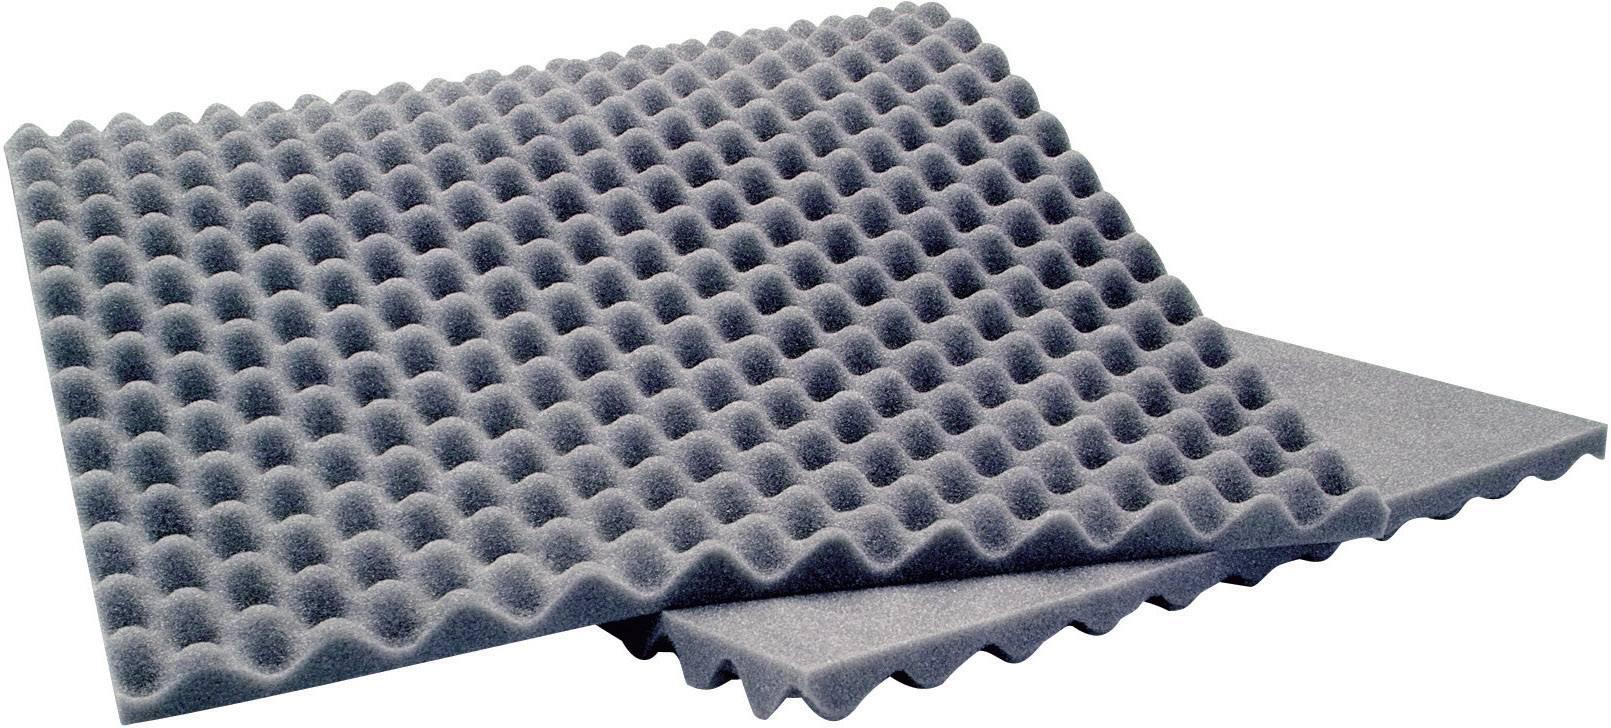 Akustická pena Sinuslive 10076, (d x š x v) 900 x 400 x 20 mm, polyuretán , sivá